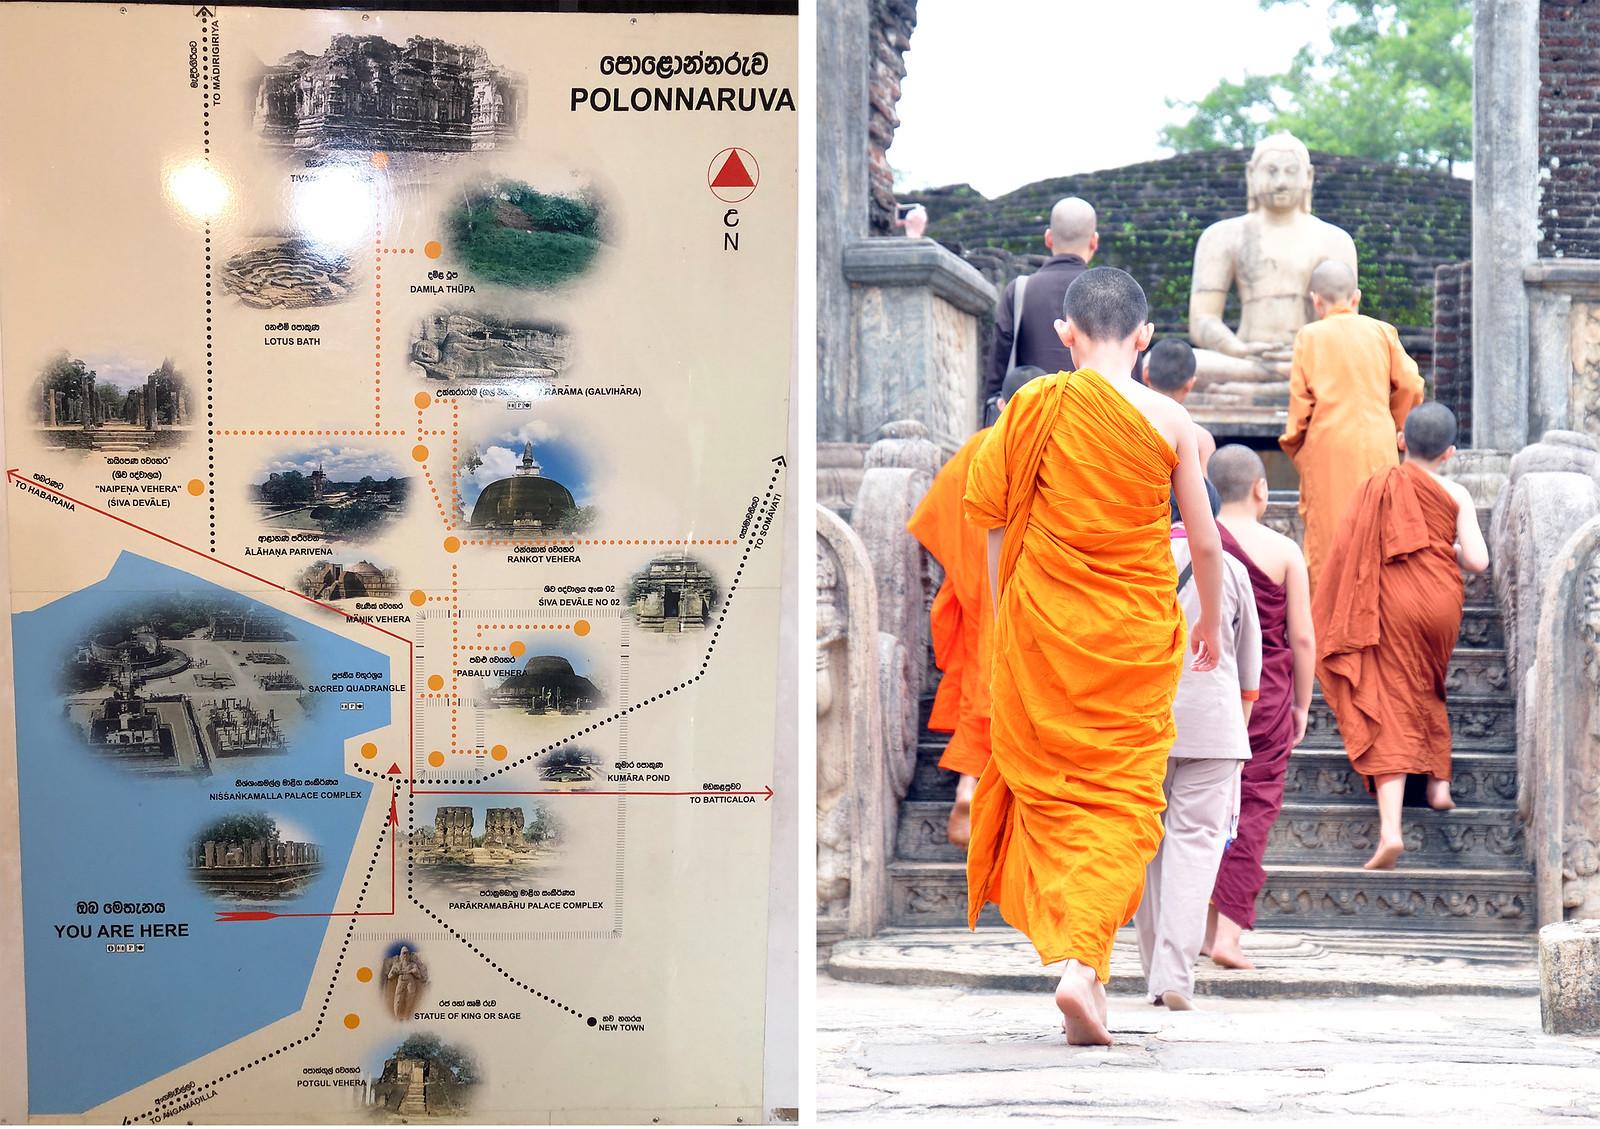 Visitar Polonnaruwa, la antigua capital de Sri Lanka visitar polonnaruwa - 31924284137 1726fd821c h - Visitar Polonnaruwa, la antigua capital de Sri Lanka